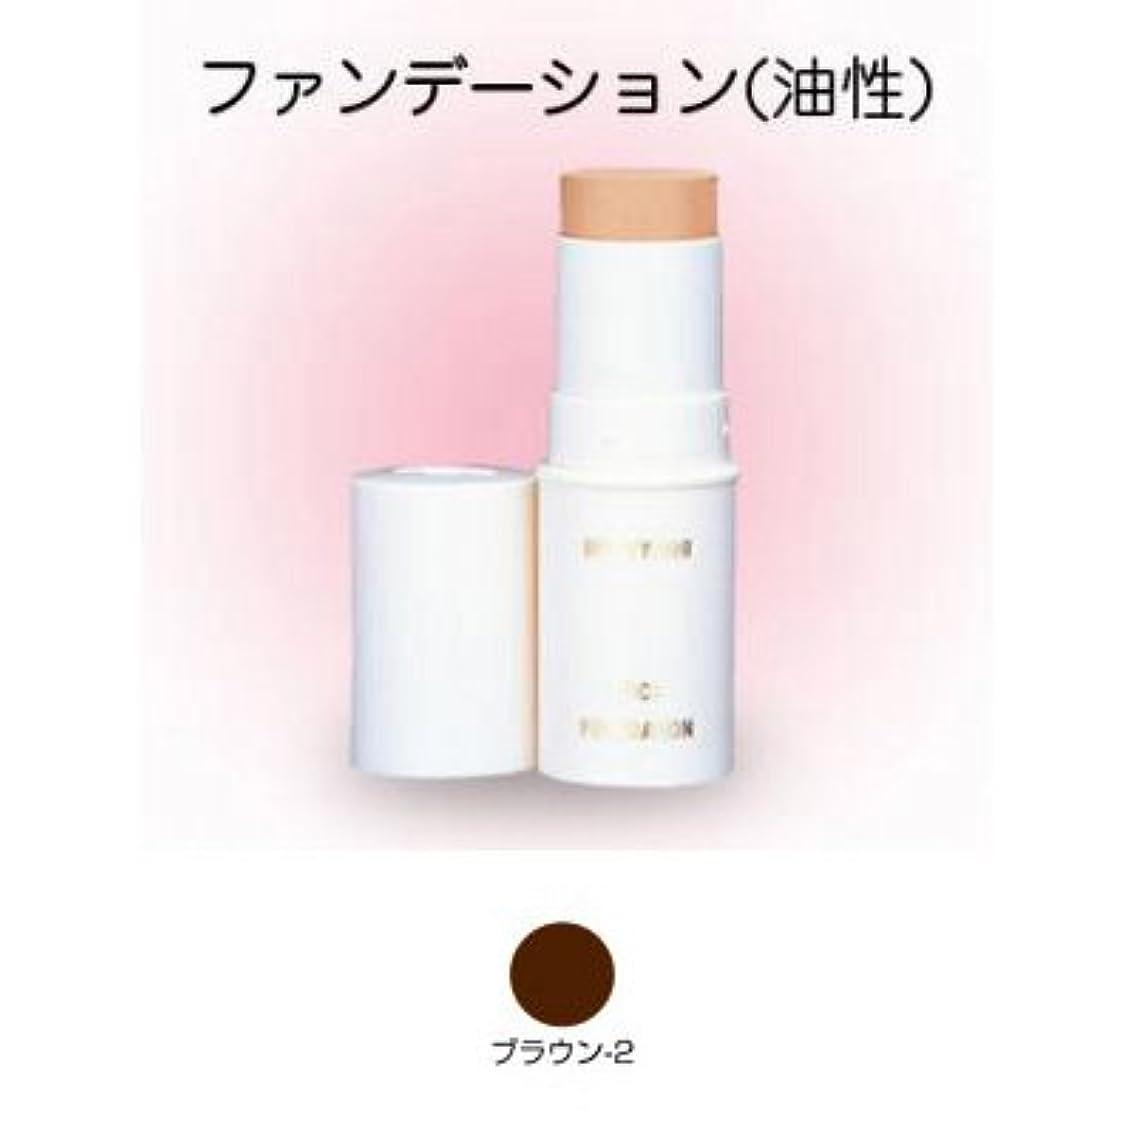 スタンド副詞書き出すスティックファンデーション 16g ブラウン-2 【三善】